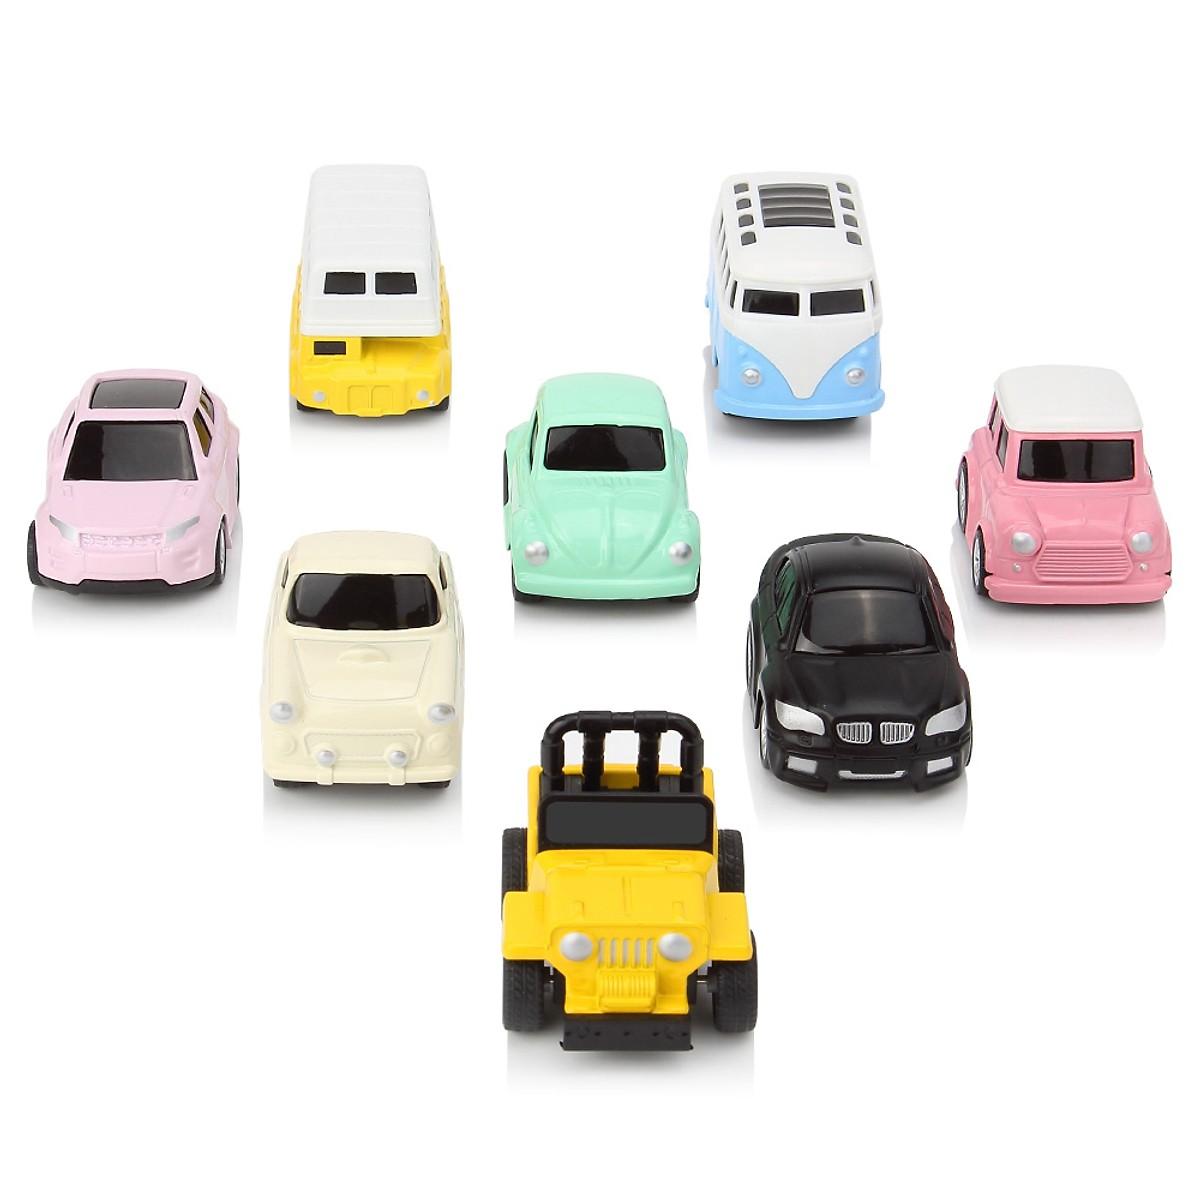 Bộ 8 Ô Tô Mô Hình Đồ Chơi MINI CAR Cho Bé Trai